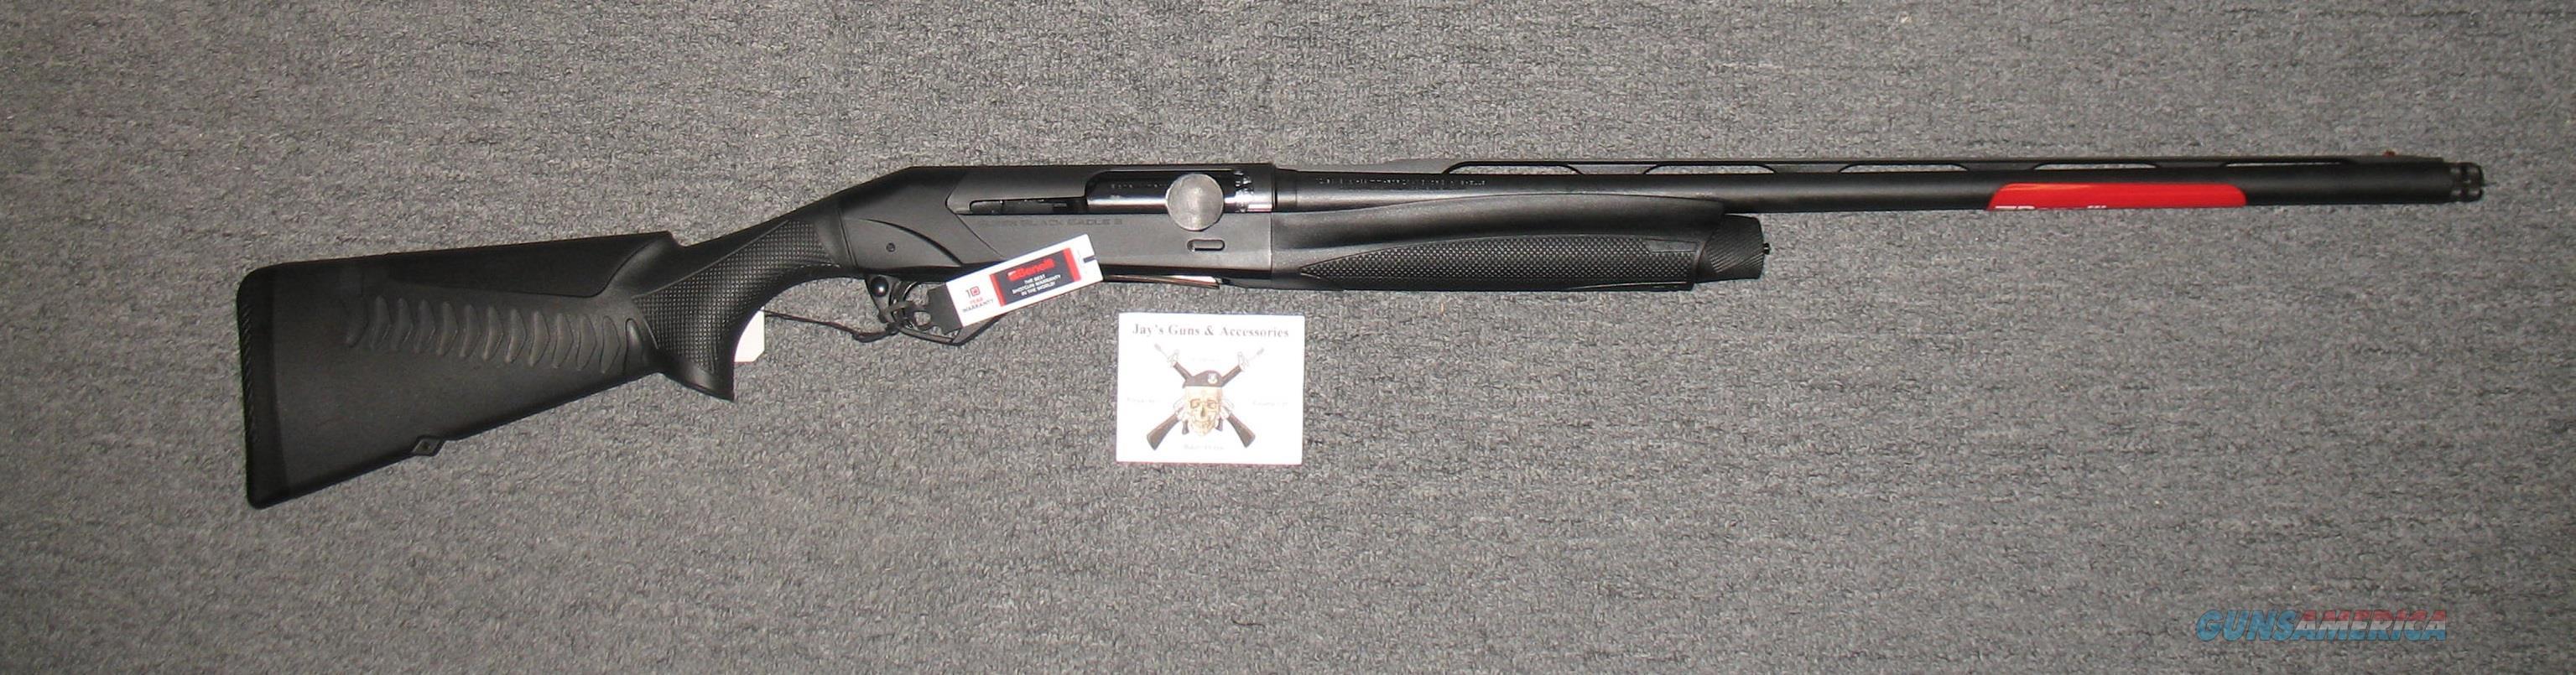 Benelli Super Black Eagle 3 (10321)  Guns > Shotguns > Benelli Shotguns > Sporting